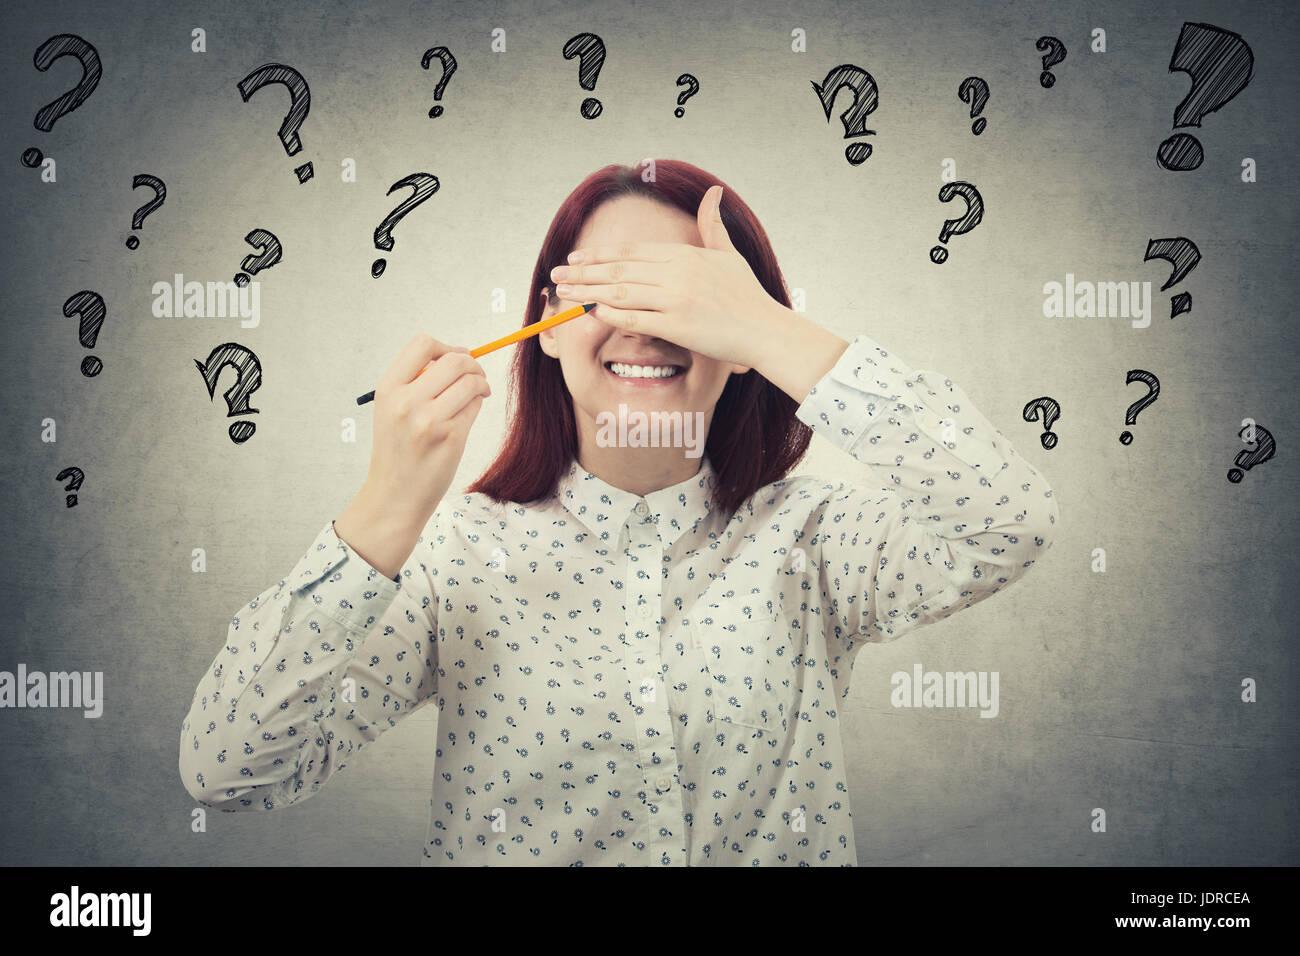 Ritratto di sorridente giovane donna che copre gli occhi con la mano il tentativo di richiamare un'altra espressione Immagini Stock